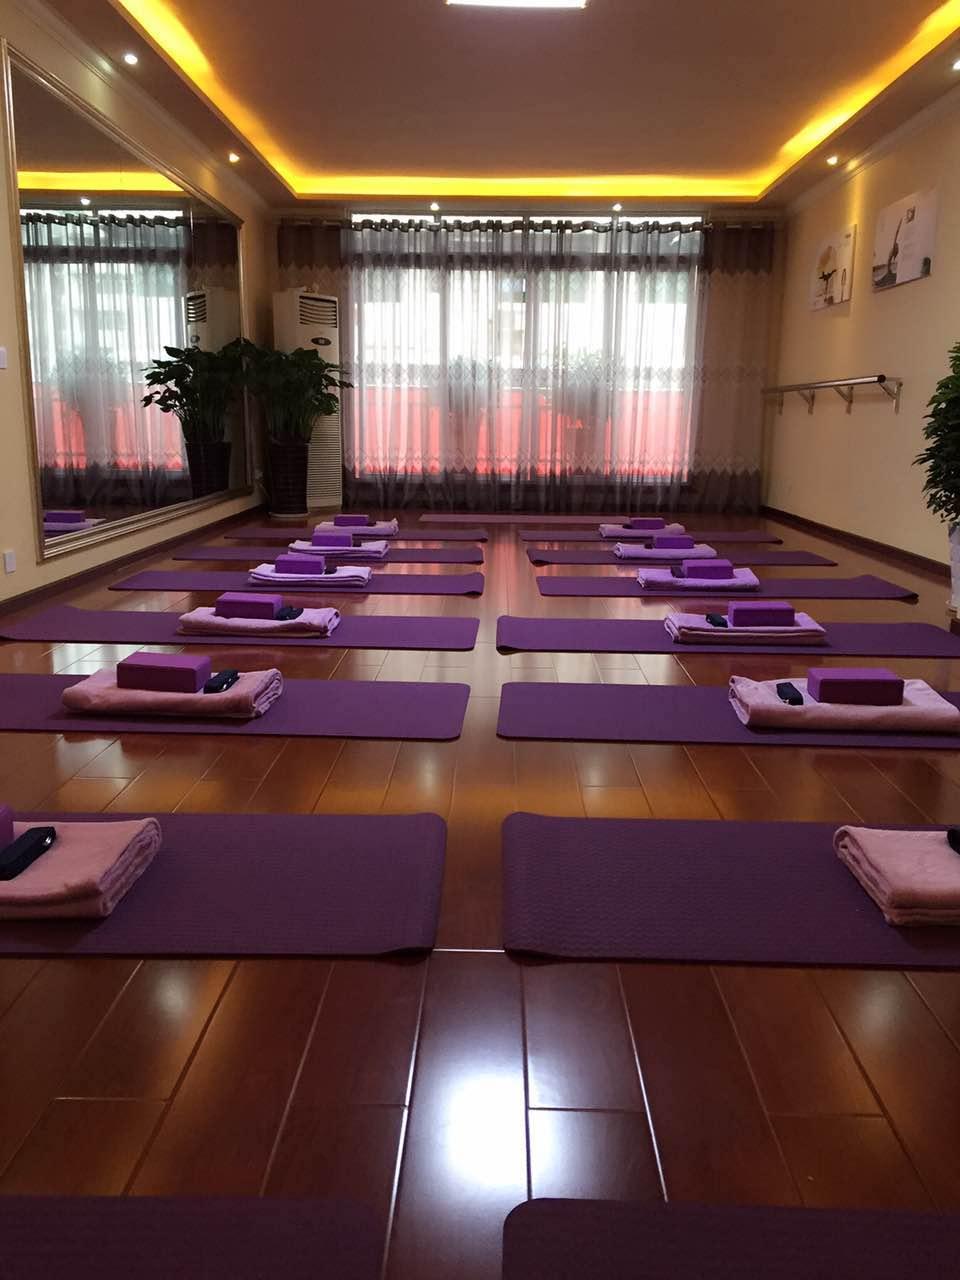 玛娅瑜伽专业馆是一家专注于发扬瑜伽文化,与广大瑜伽爱好者分享瑜伽给身心带来的愉悦和舒适的精致型瑜伽专业馆。本馆内部装修风格别致,环境幽雅、舒适、安静、空气清新。是工作之余最佳的减压和保养之去处,更是修神、修德、修身养性的最佳场所。专业馆严格控制会员数量,采取小班授课,精益求精,确保每一堂课的教学质量。